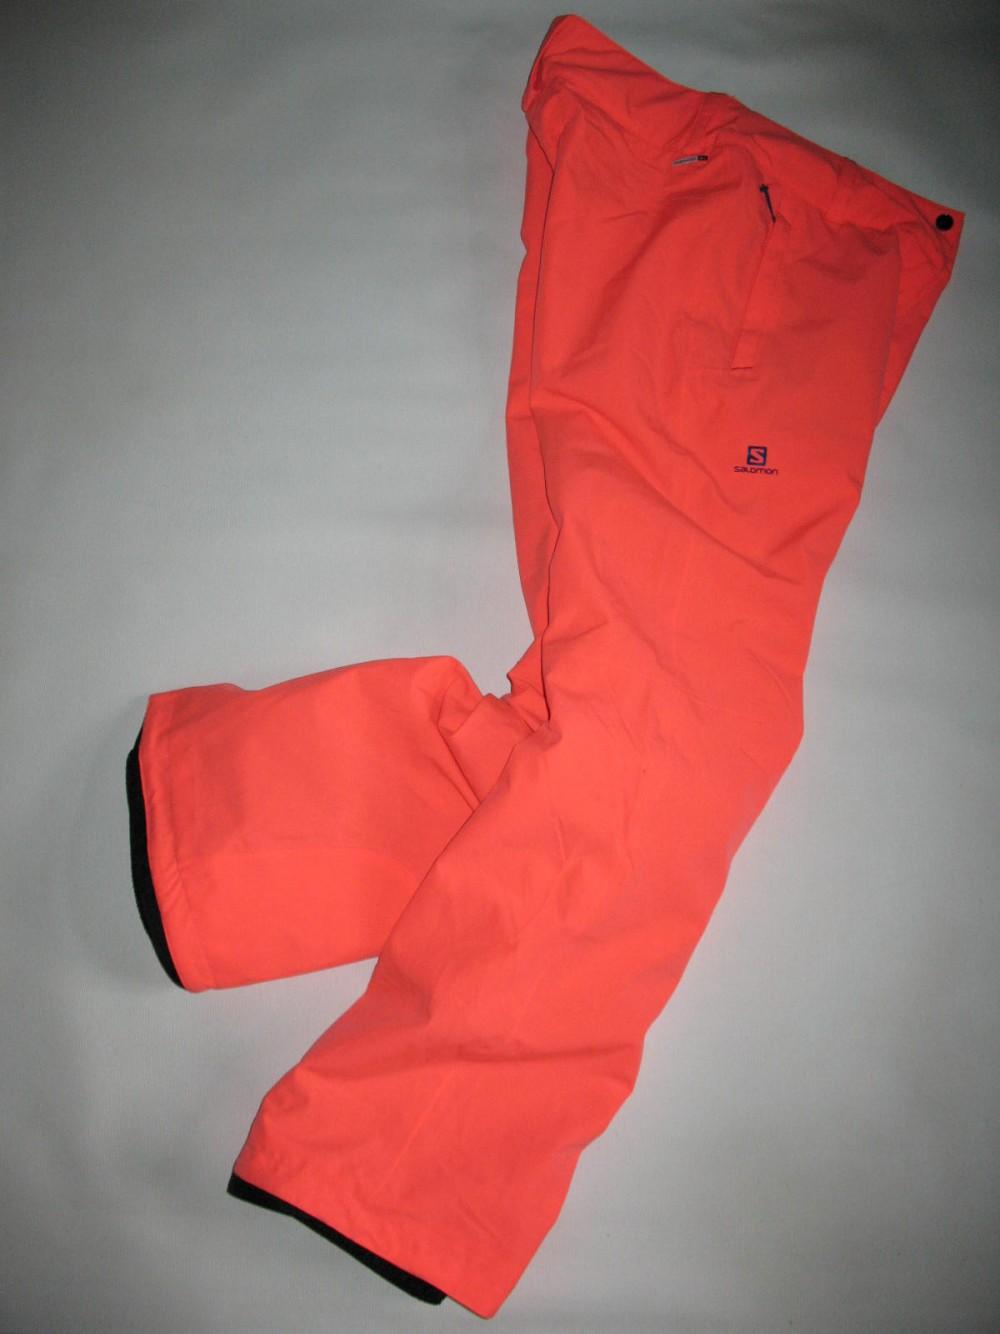 Штаны SALOMON icemania pants lady (размер M) - 3